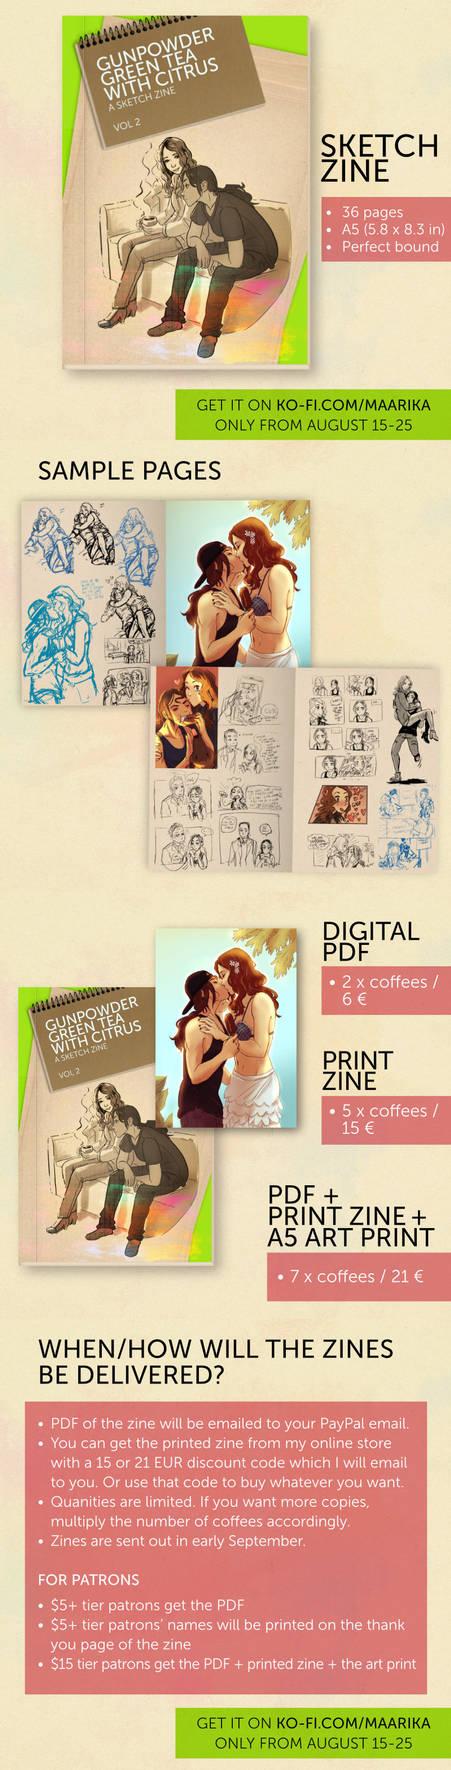 Sketchbook Zine - coming very soon!